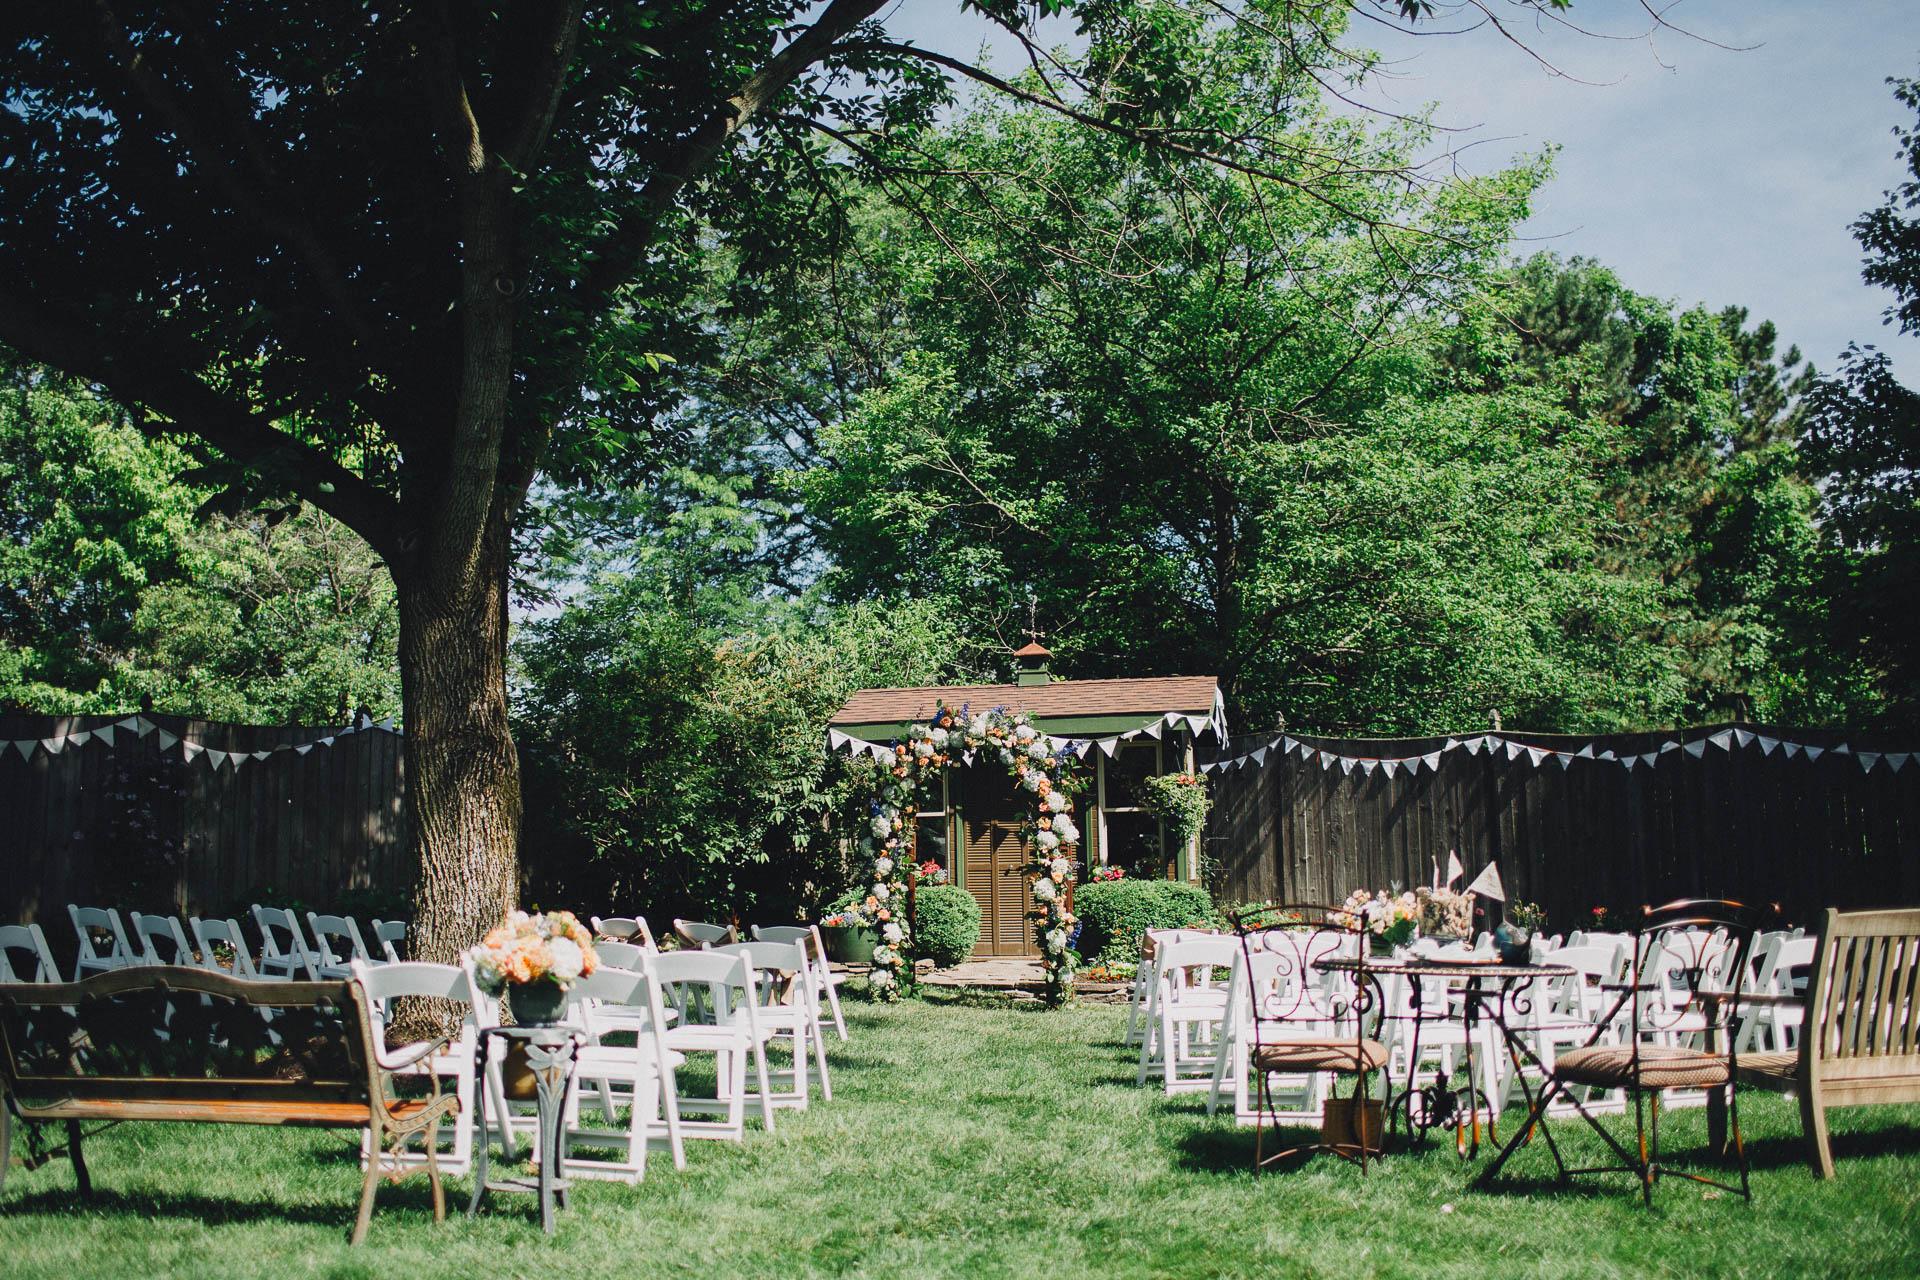 Megan-Paul-Ohio-English-Garden-Wedding-001@2x.jpg